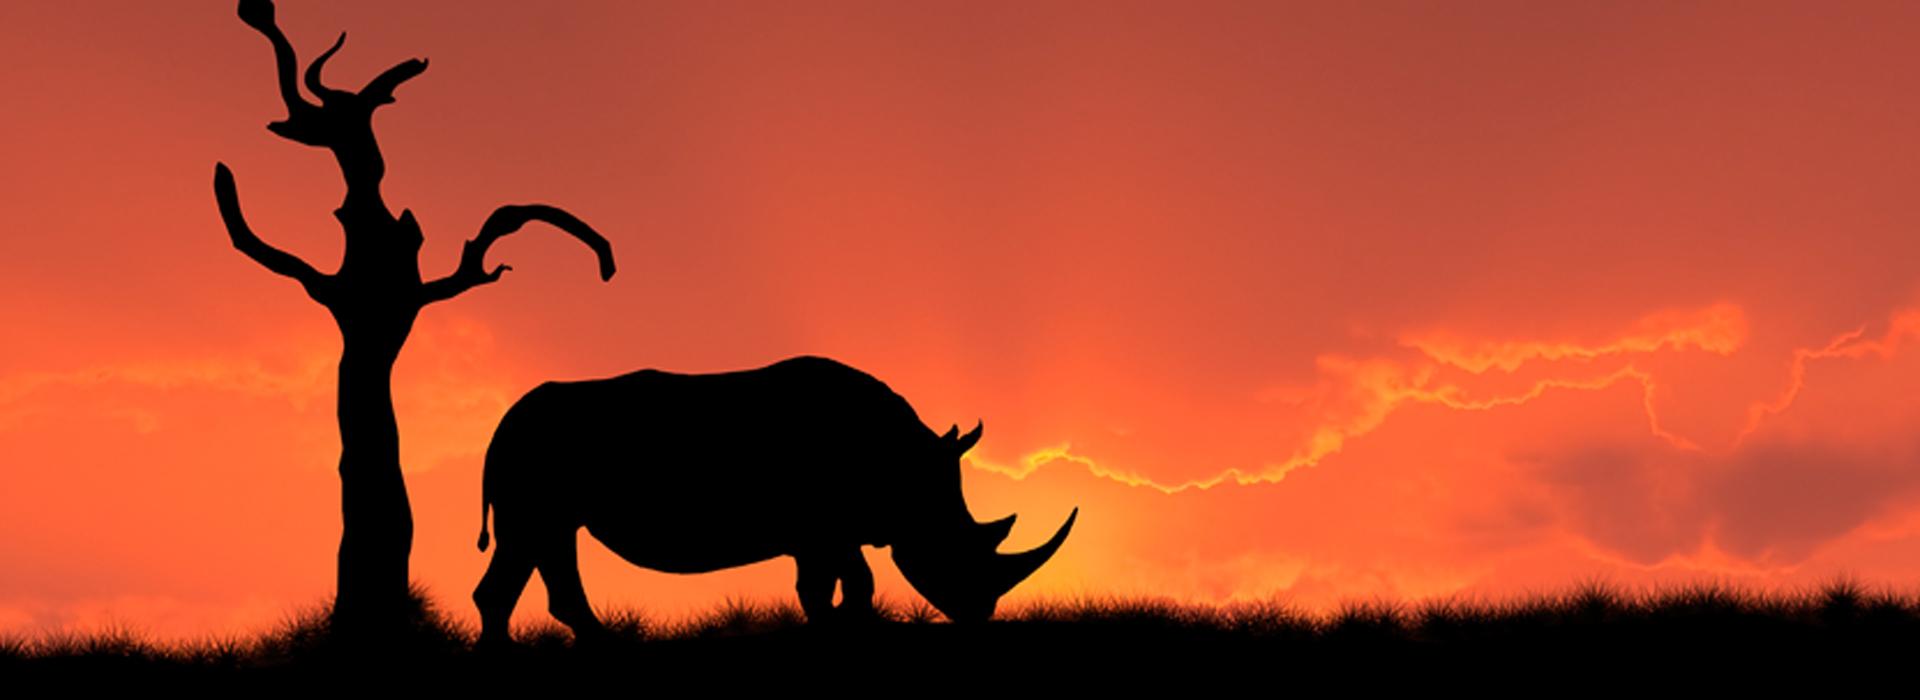 rhino_at_sunset